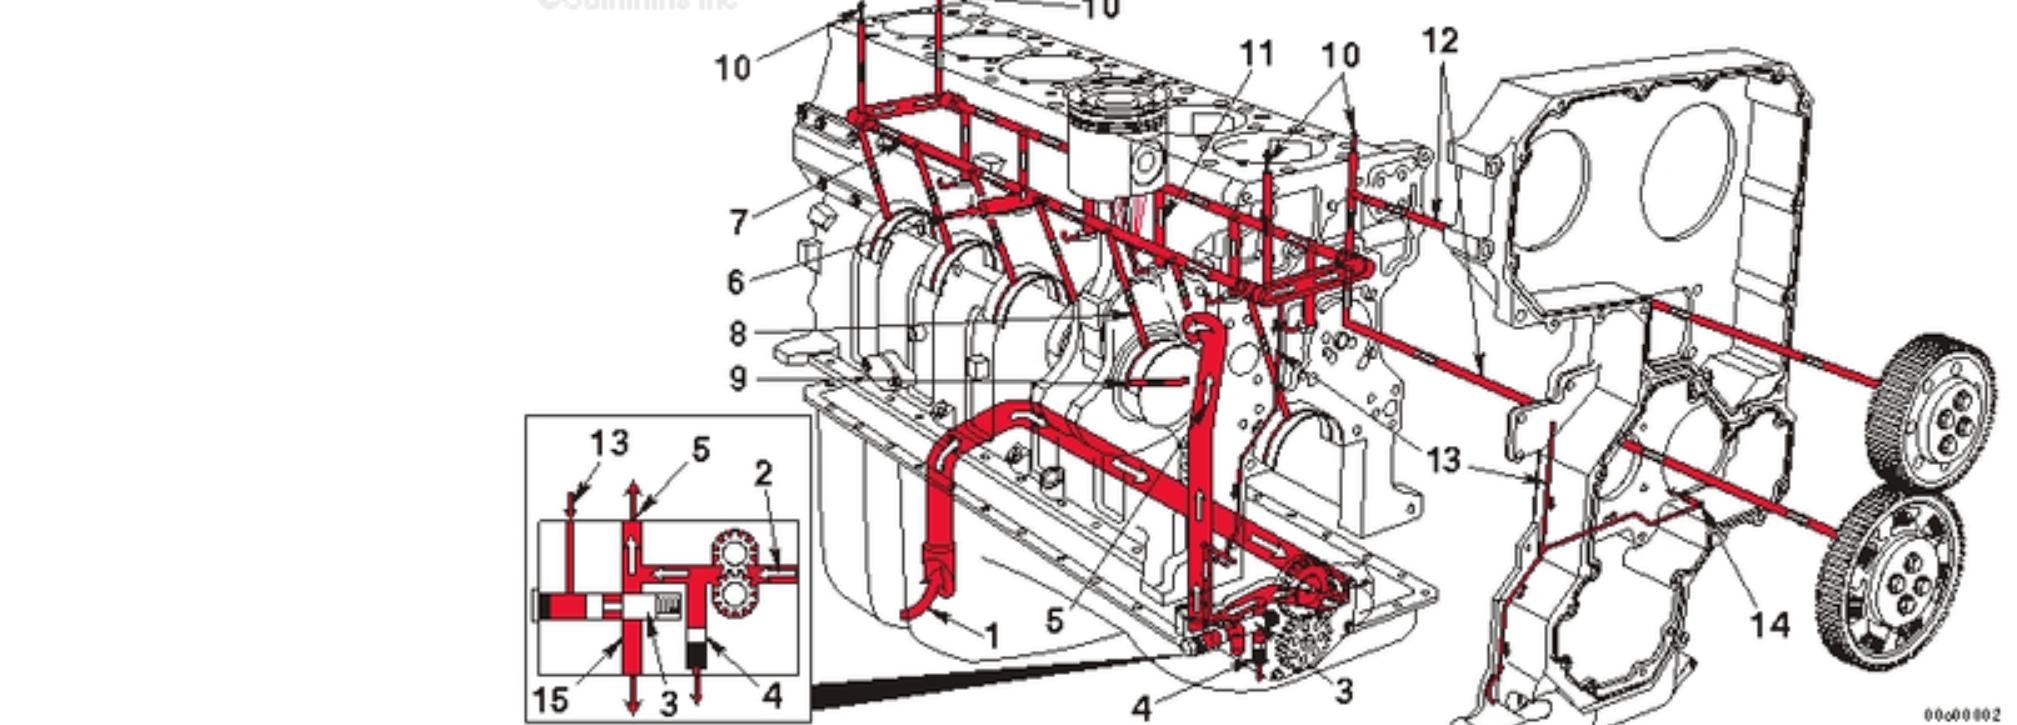 33 Cummins Isx Fuel System Diagram